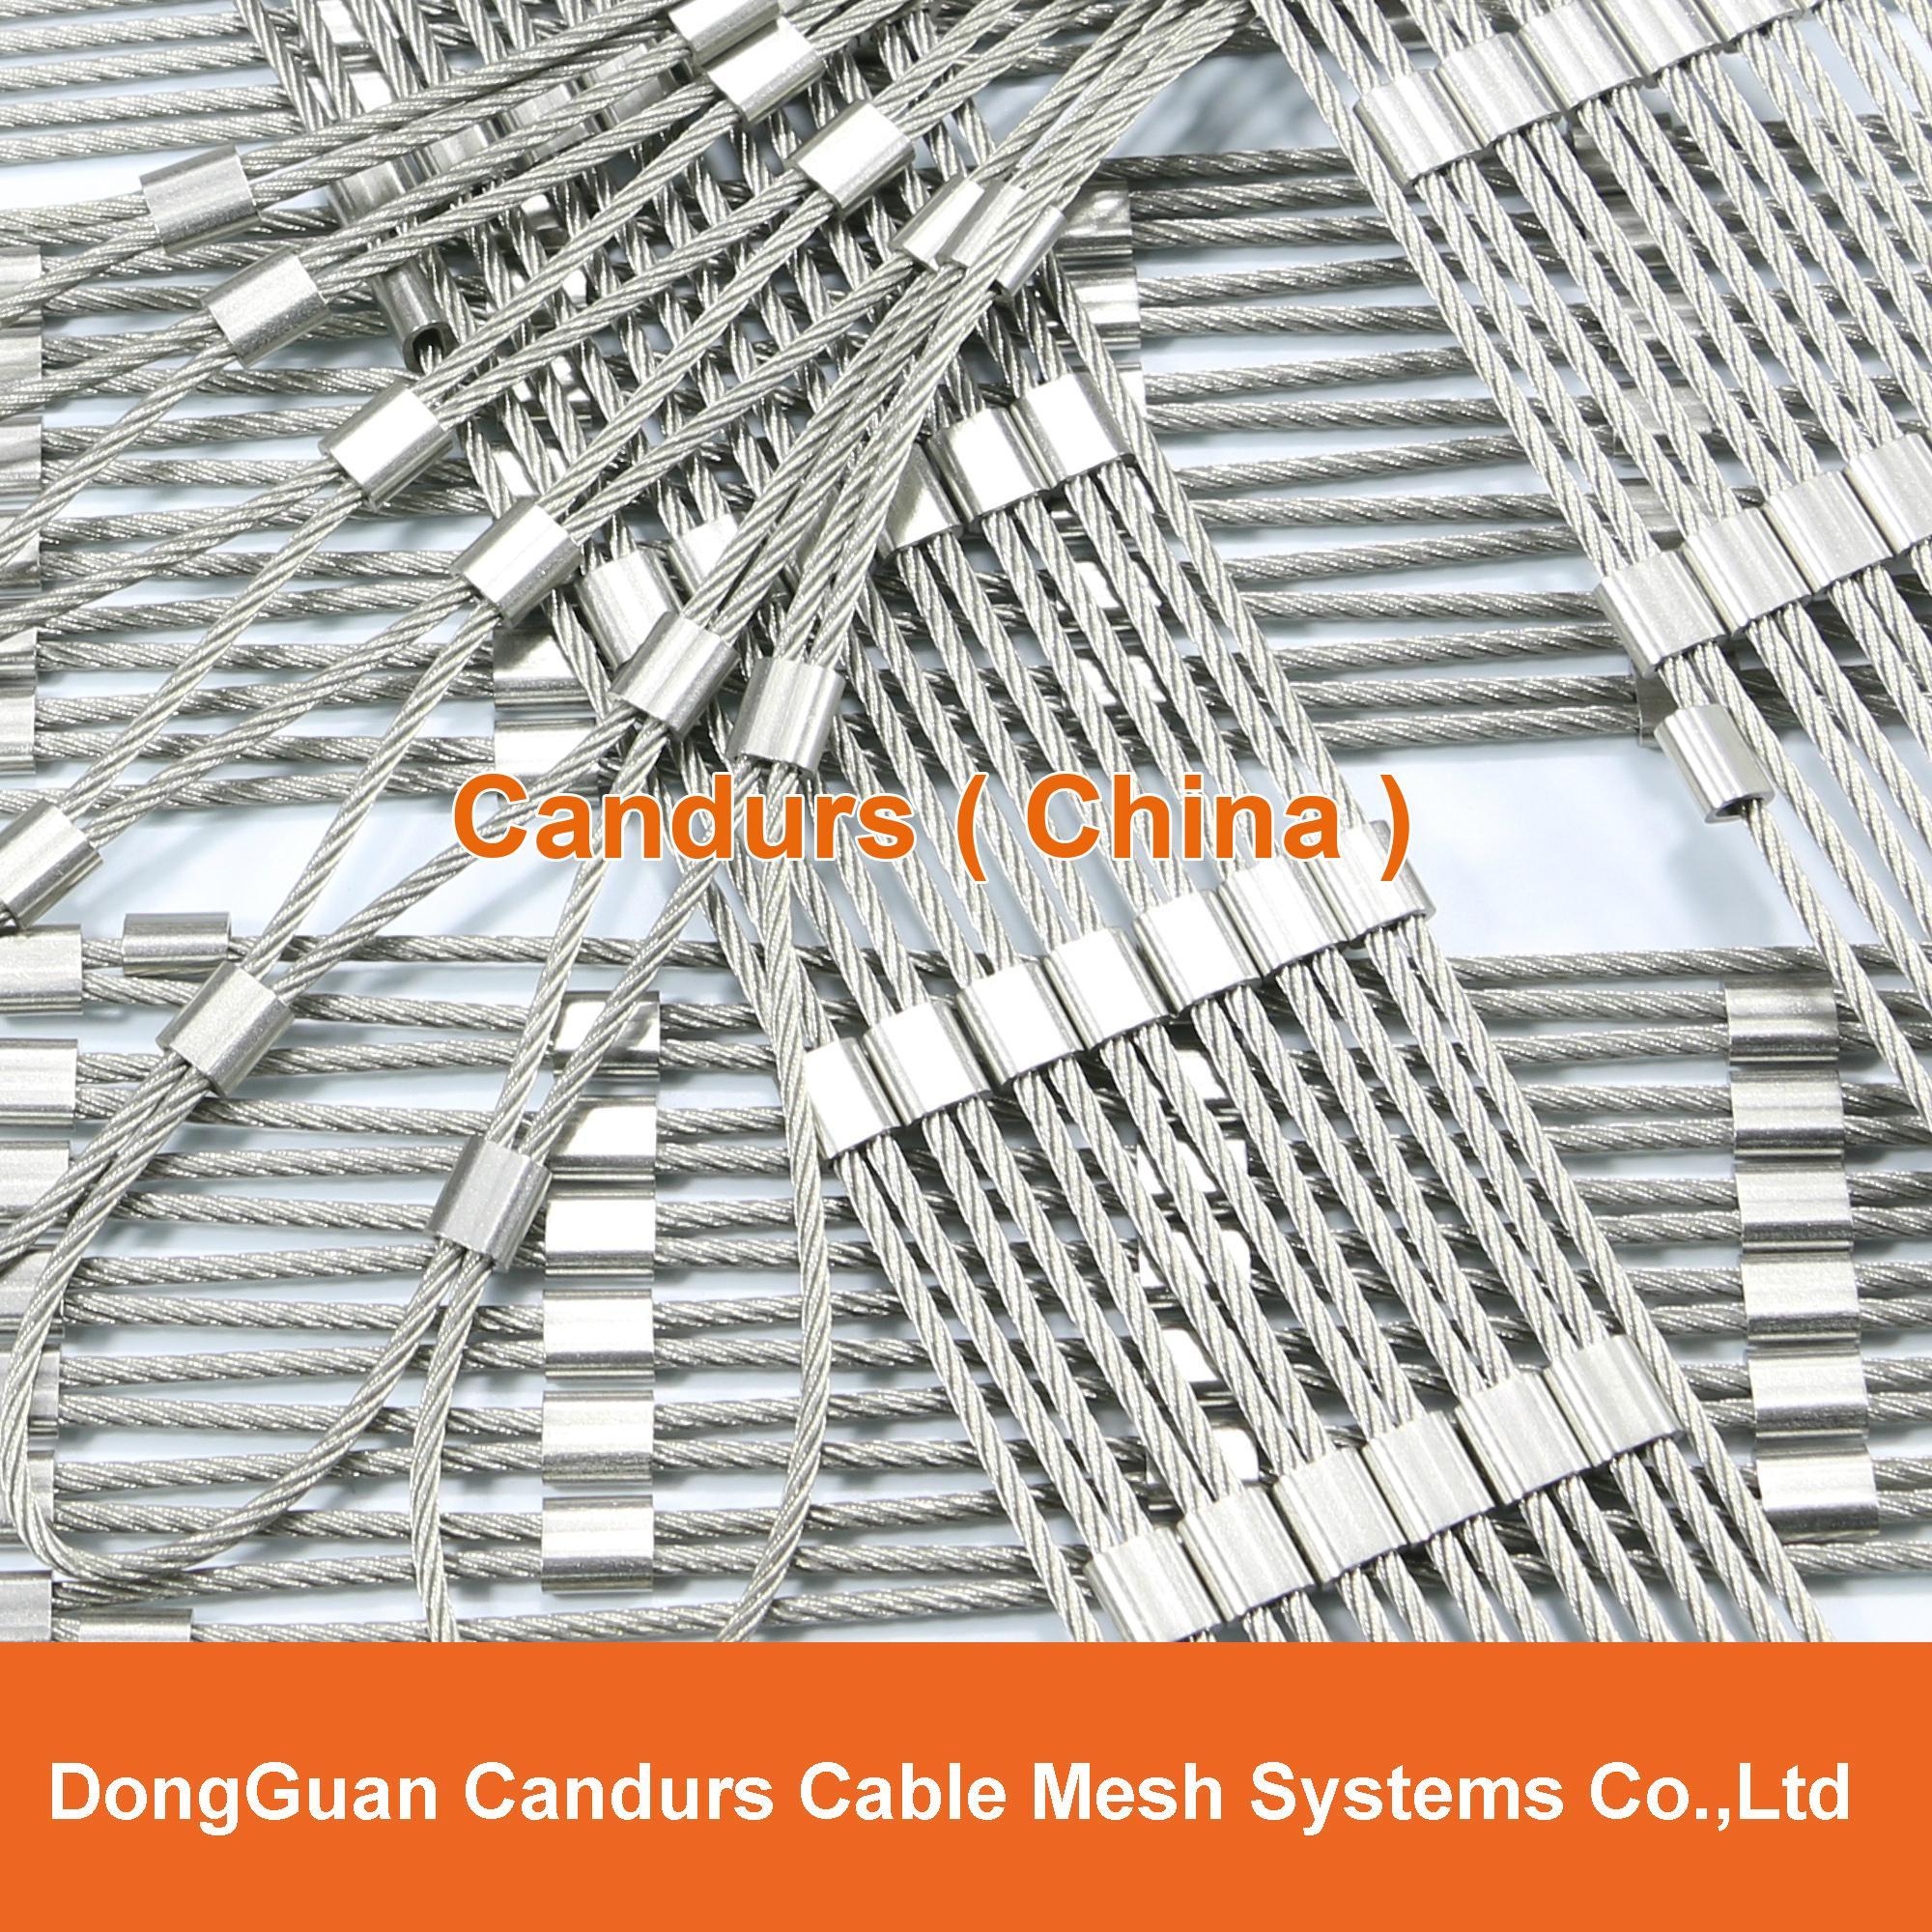 昌達不鏽鋼絲繩網——美標316不鏽鋼繩網 14